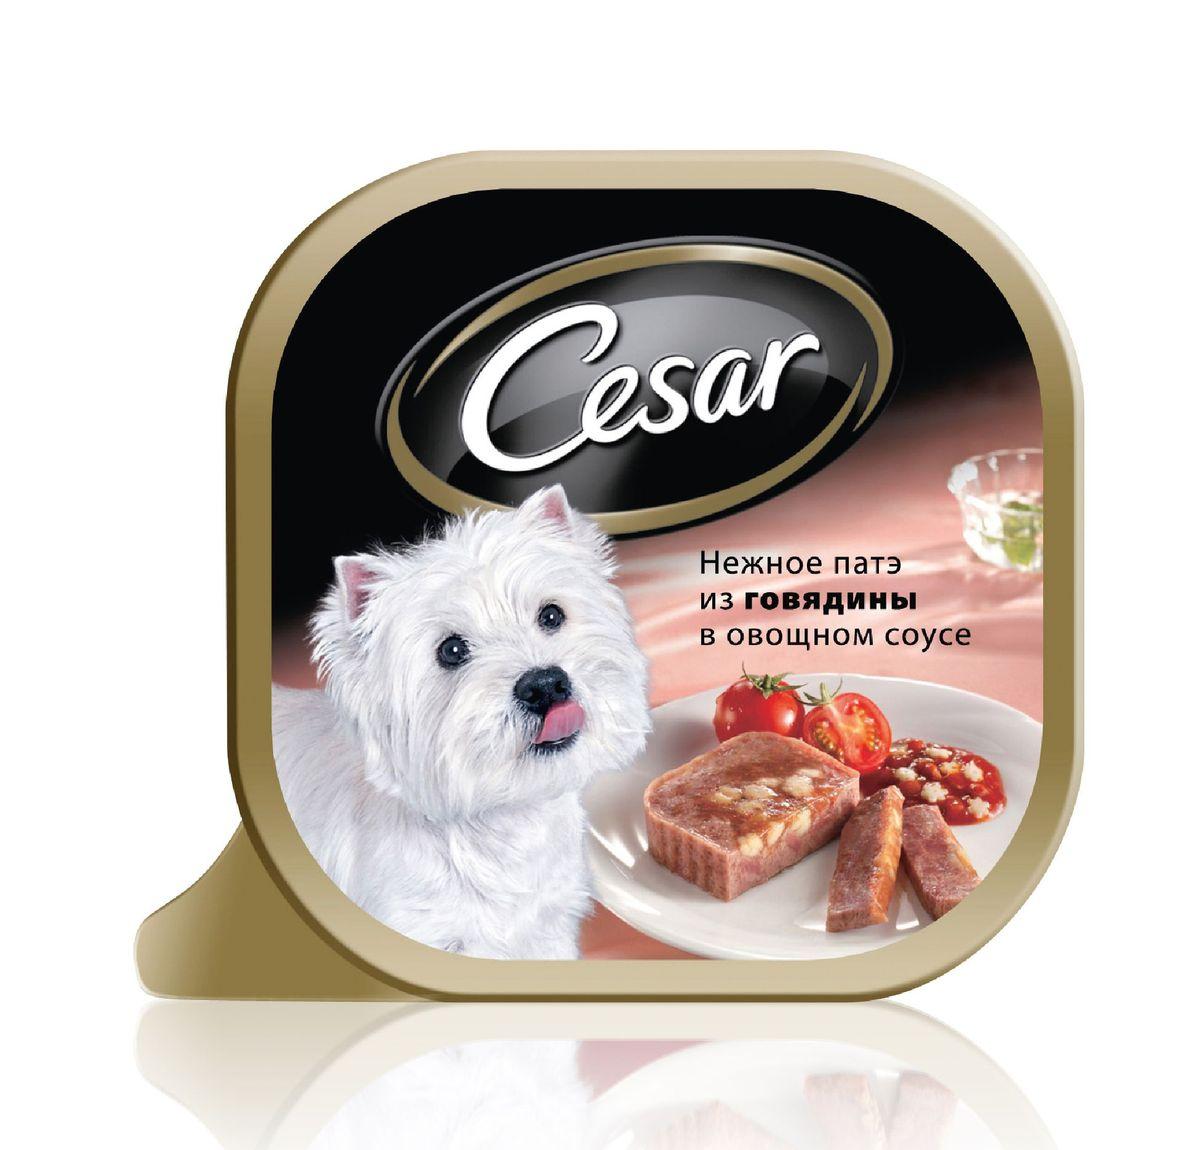 Консервы Cesar, для взрослых собак мелких пород, нежное патэ из говядины в овощном соусе, 100 г10218Консервы Cesar - это полнорационный консервированный корм для взрослых собак мелких пород. Консервы представляют собой аппетитные кусочки мяса в подливе. Кроме того, в их состав входят овощи и ароматные травы, поэтому Cesar придется по душе даже самым привередливым собакам.Консервы приготовлены исключительно из натурального сырья. Не содержат искусственных красителей, консервантов и усилителей вкуса. Состав: говядина (минимум 21%), курица, паста (минимум 1%), овощи, травы, растительное масло, витамины и минеральные вещества.Пищевая ценность в 100 г: белки - 8 г, жир - 3,5 г, зола - 0,3 г, клетчатка - максимум 0,5 г, влага 85 г. Энергетическая ценность в 100 г: 70 ккал.Товар сертифицирован.